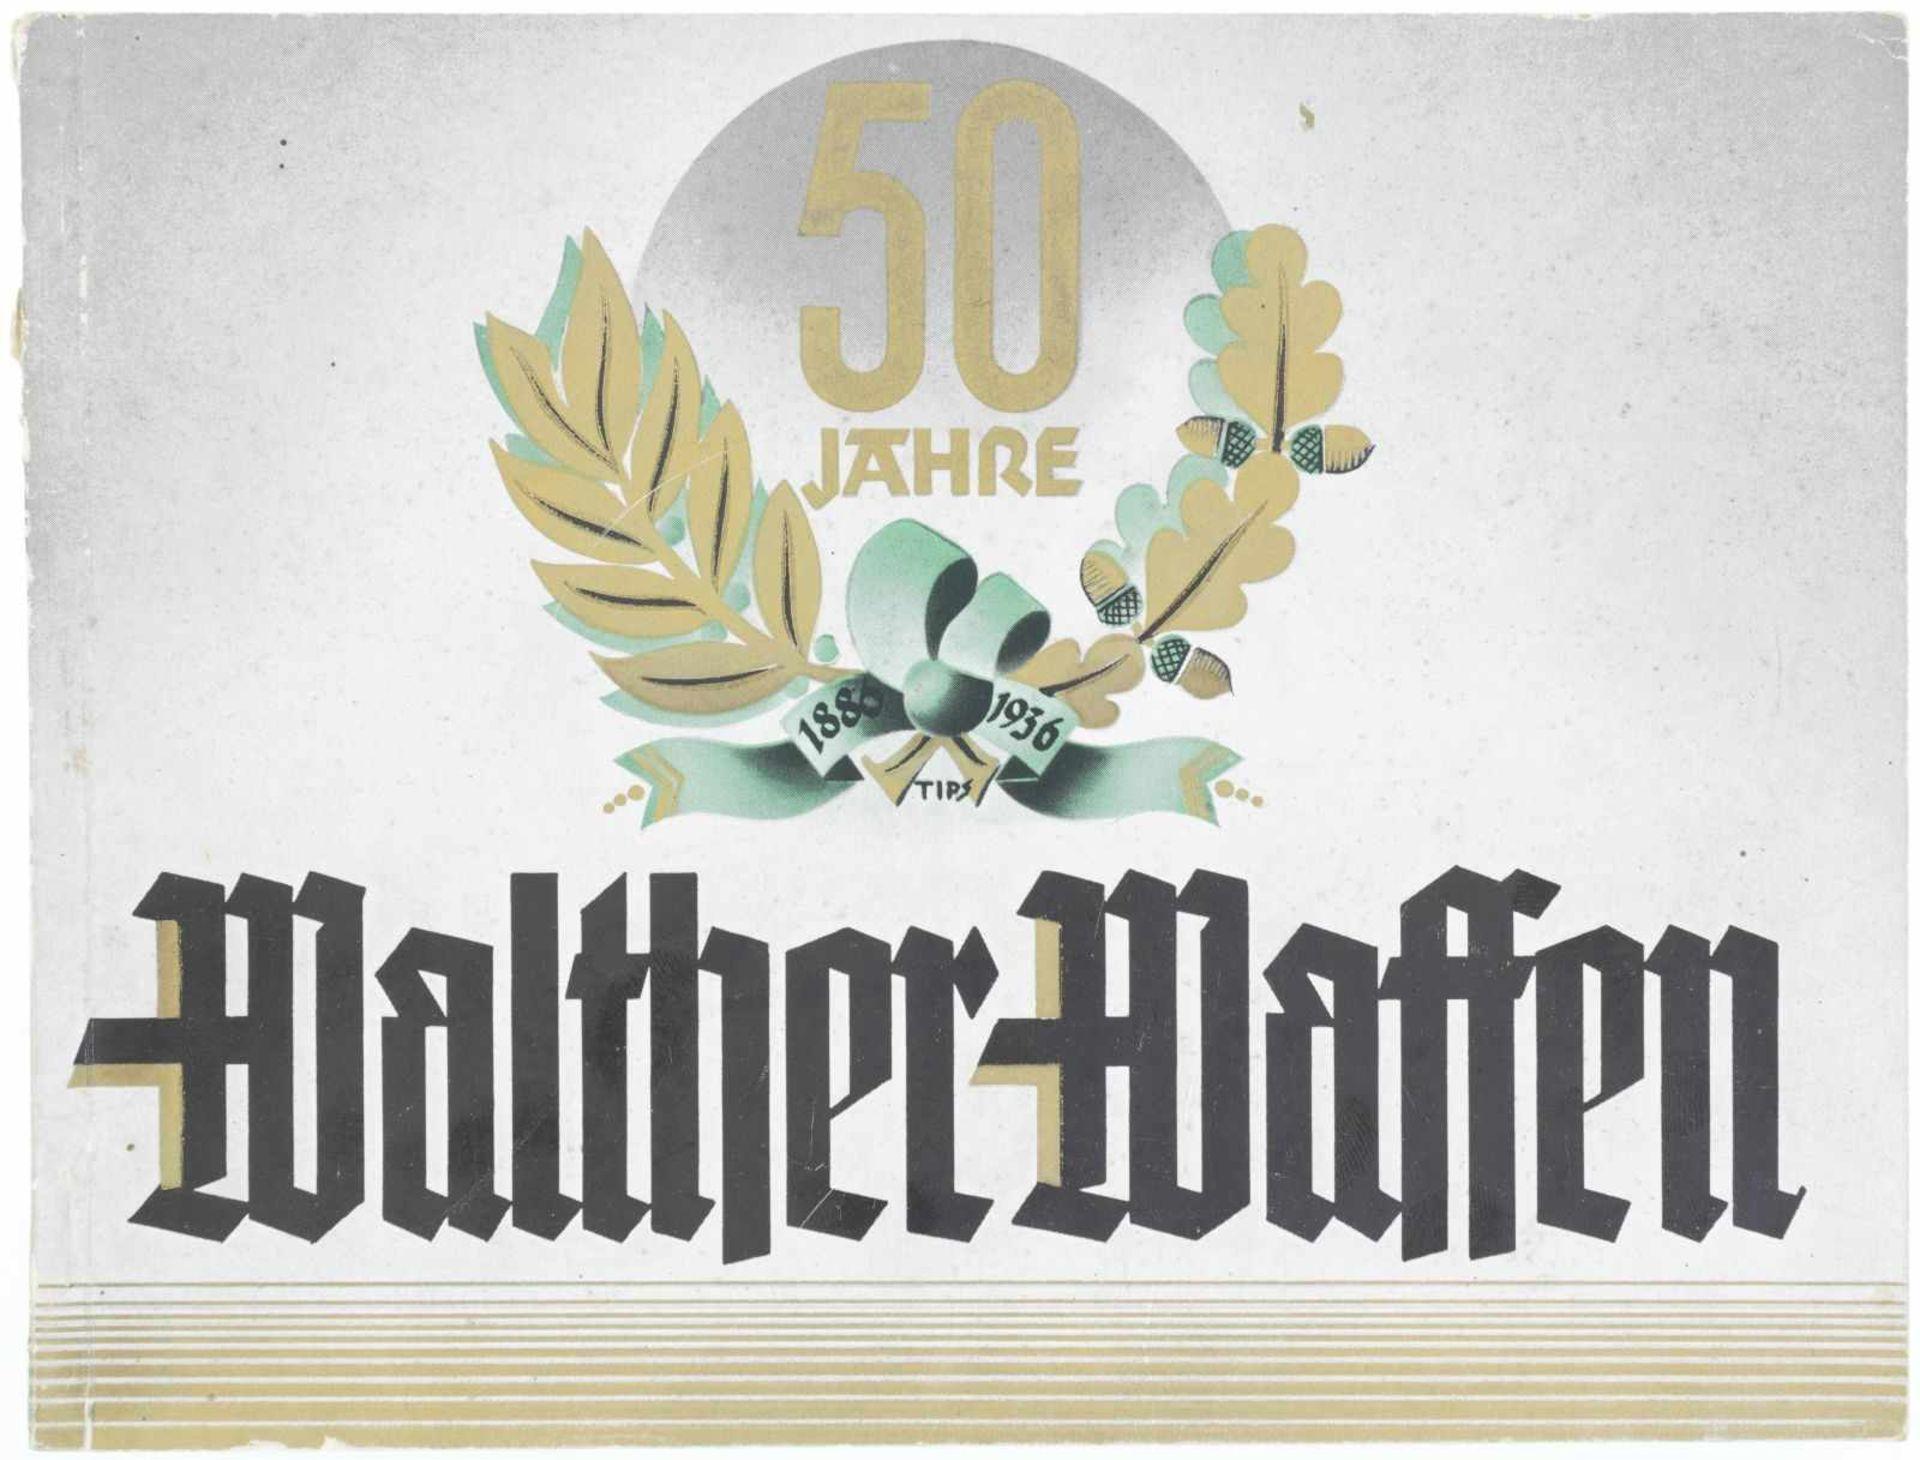 Originalkatalog, 50 Jahre Walther Waffen 1886-1936@, 52 S. illust. Zustand 2 HQS: 241753